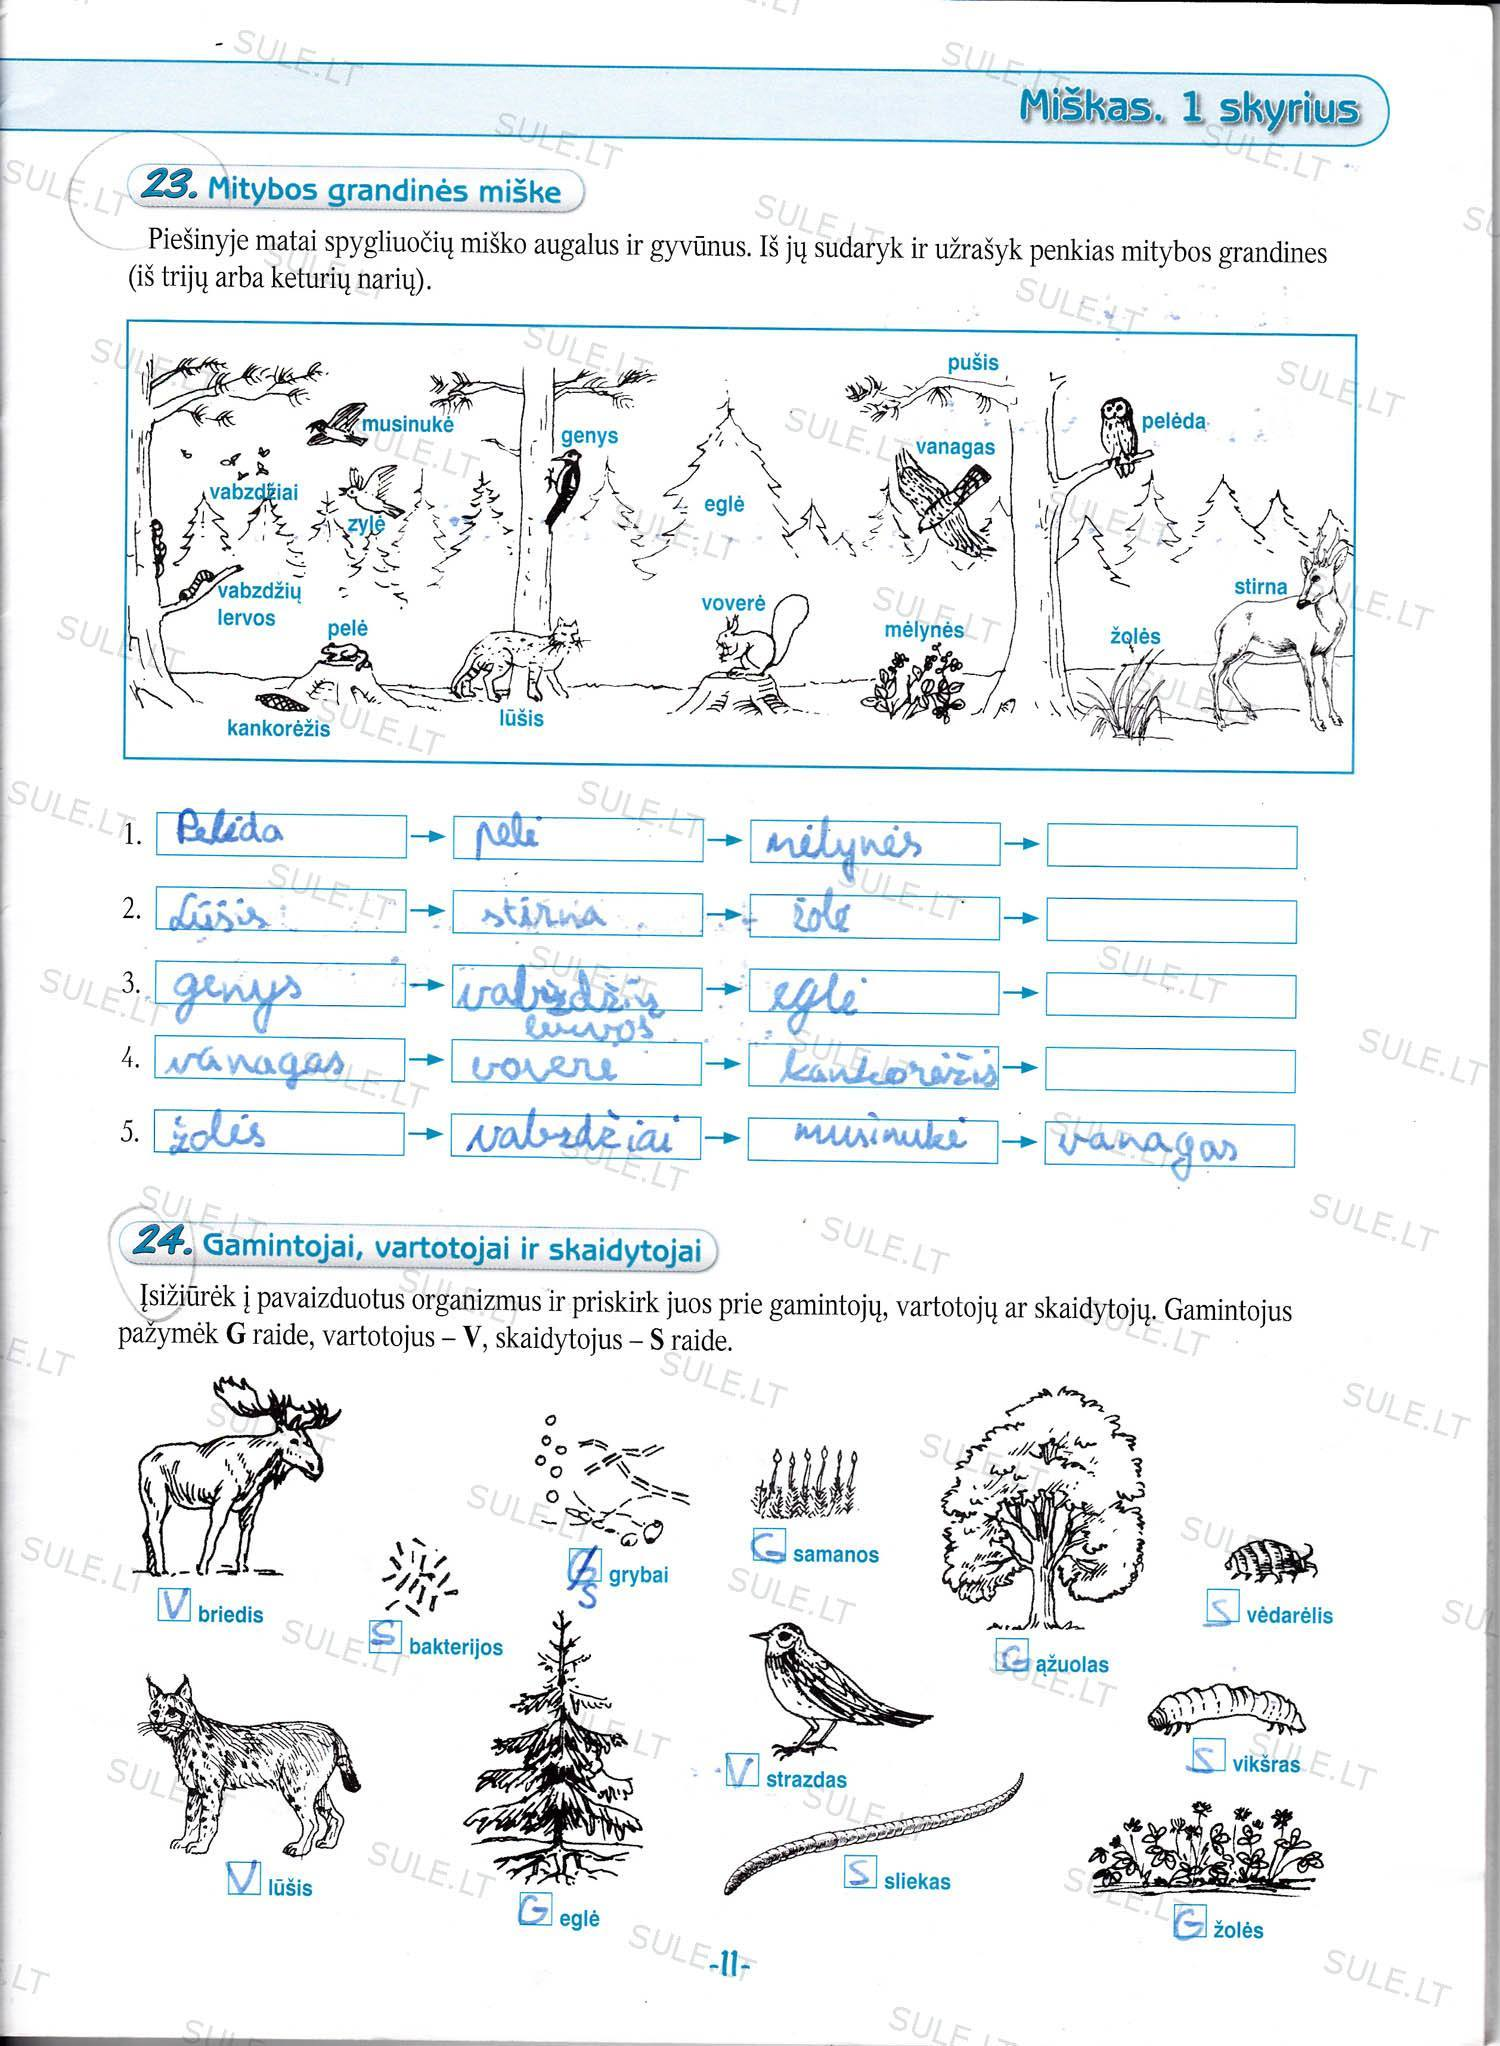 Biologija-6-klasei-2-dalis-11-puslapis2